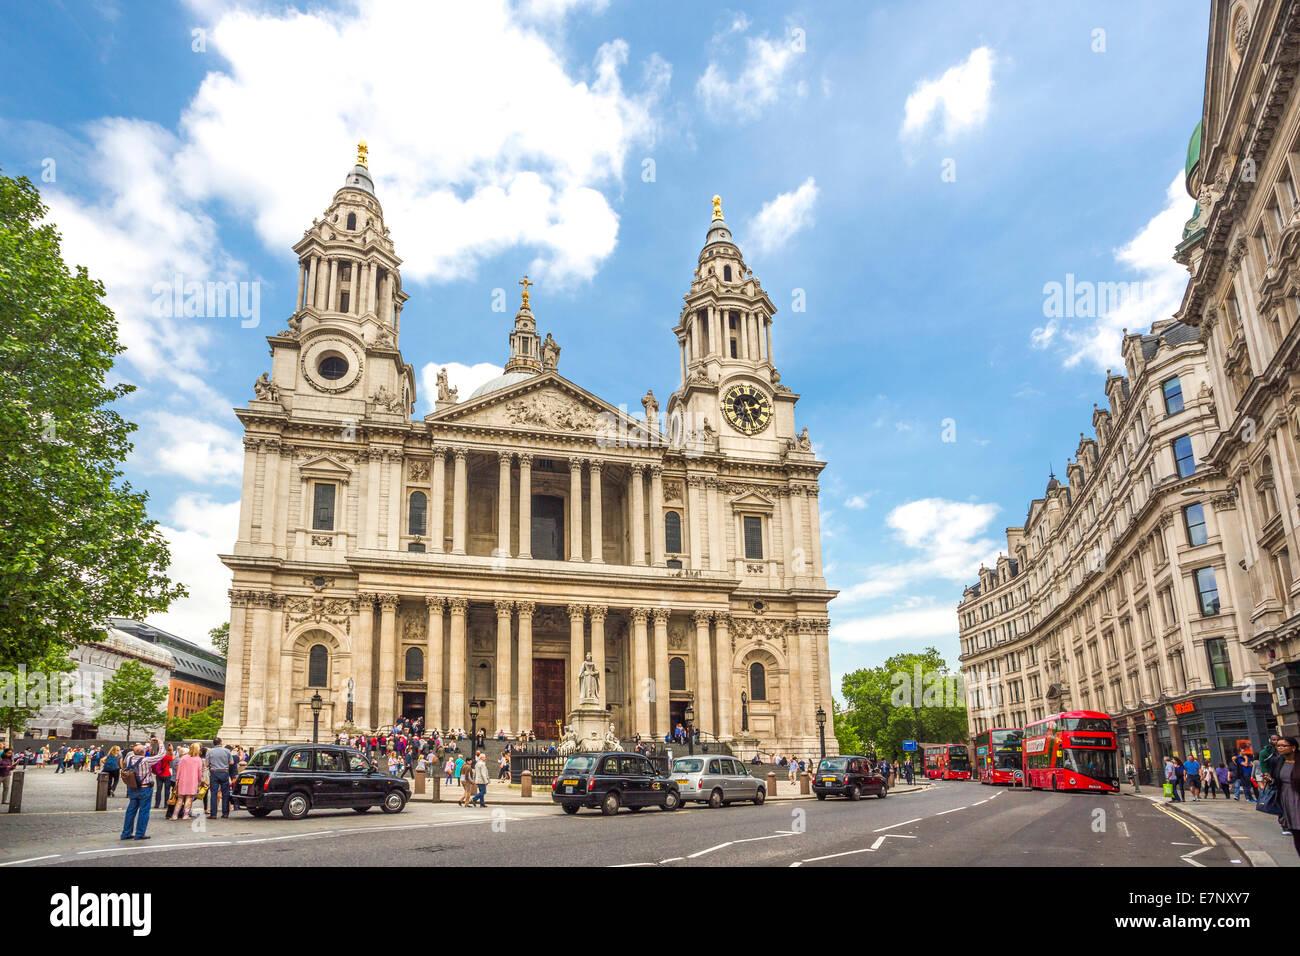 Avenue, Building, Cathédrale, ville, Londres, Angleterre, Royaume-Uni, Saint Paul, l'architecture, l'histoire, Photo Stock